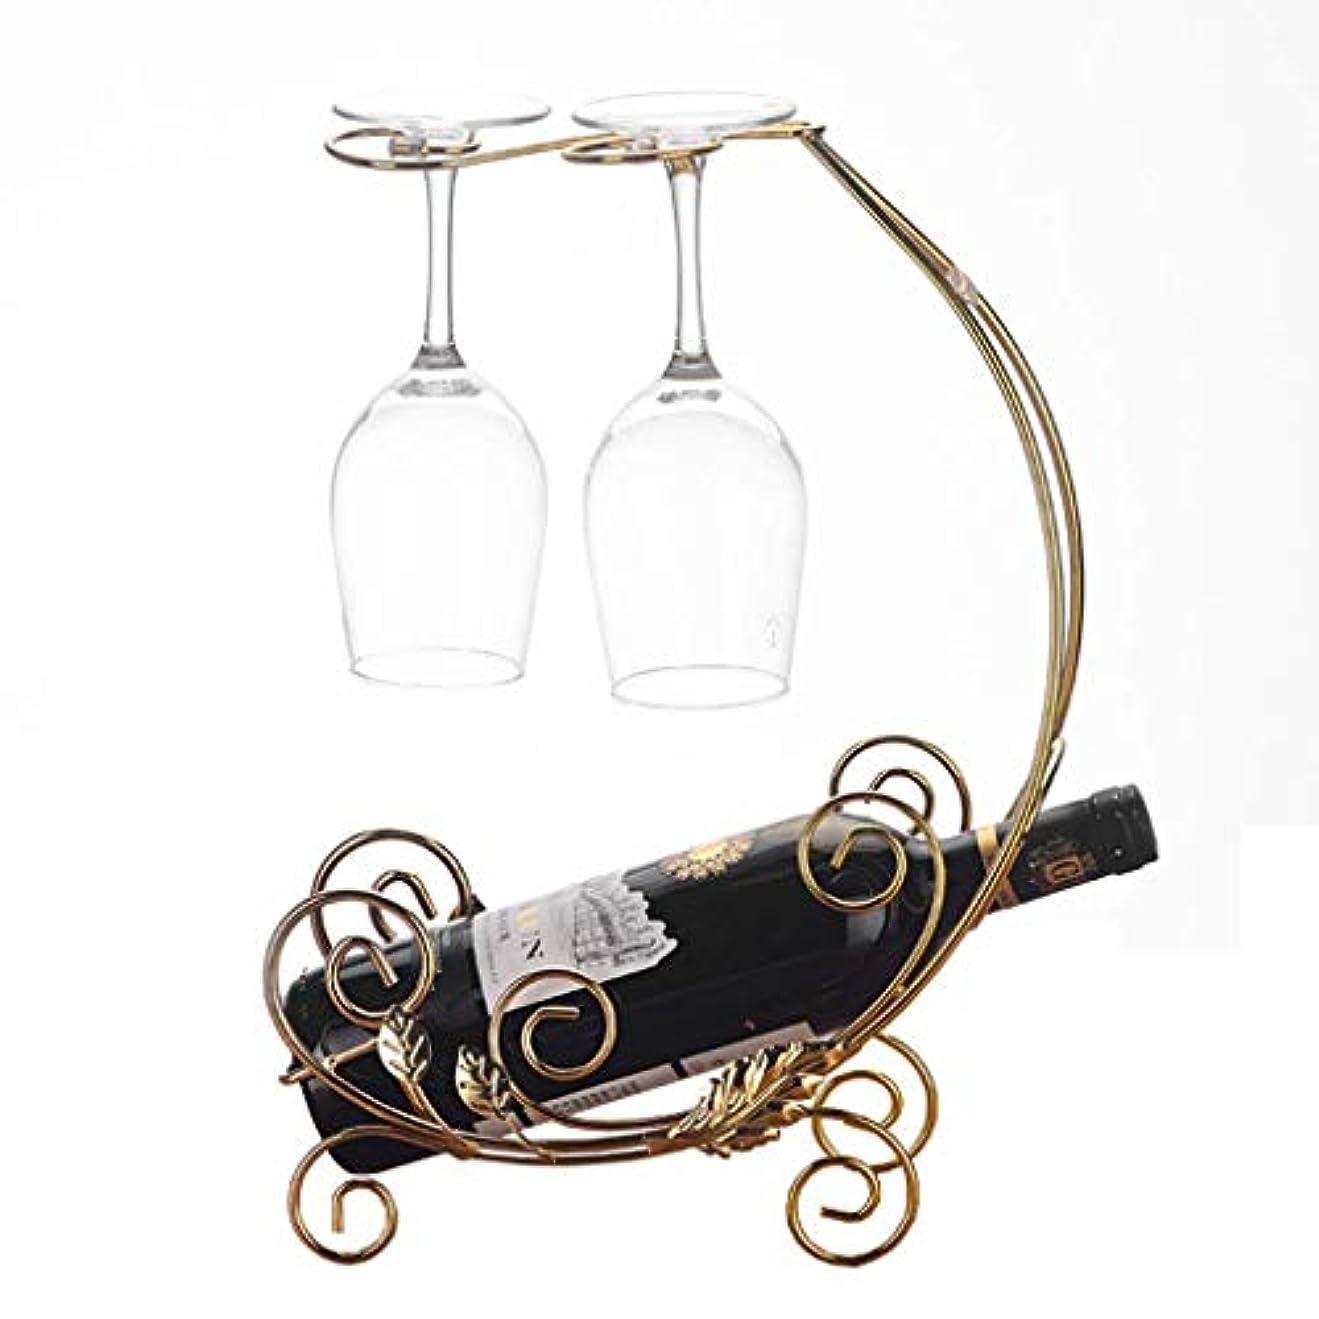 相対的共感する裸ワインラッククリエイティブワイングラスホルダーヨーロッパのキッチンカウンター独立したワイングラス収納ラックバークリエイティブシンプルな杯ディスプレイスタンドラック